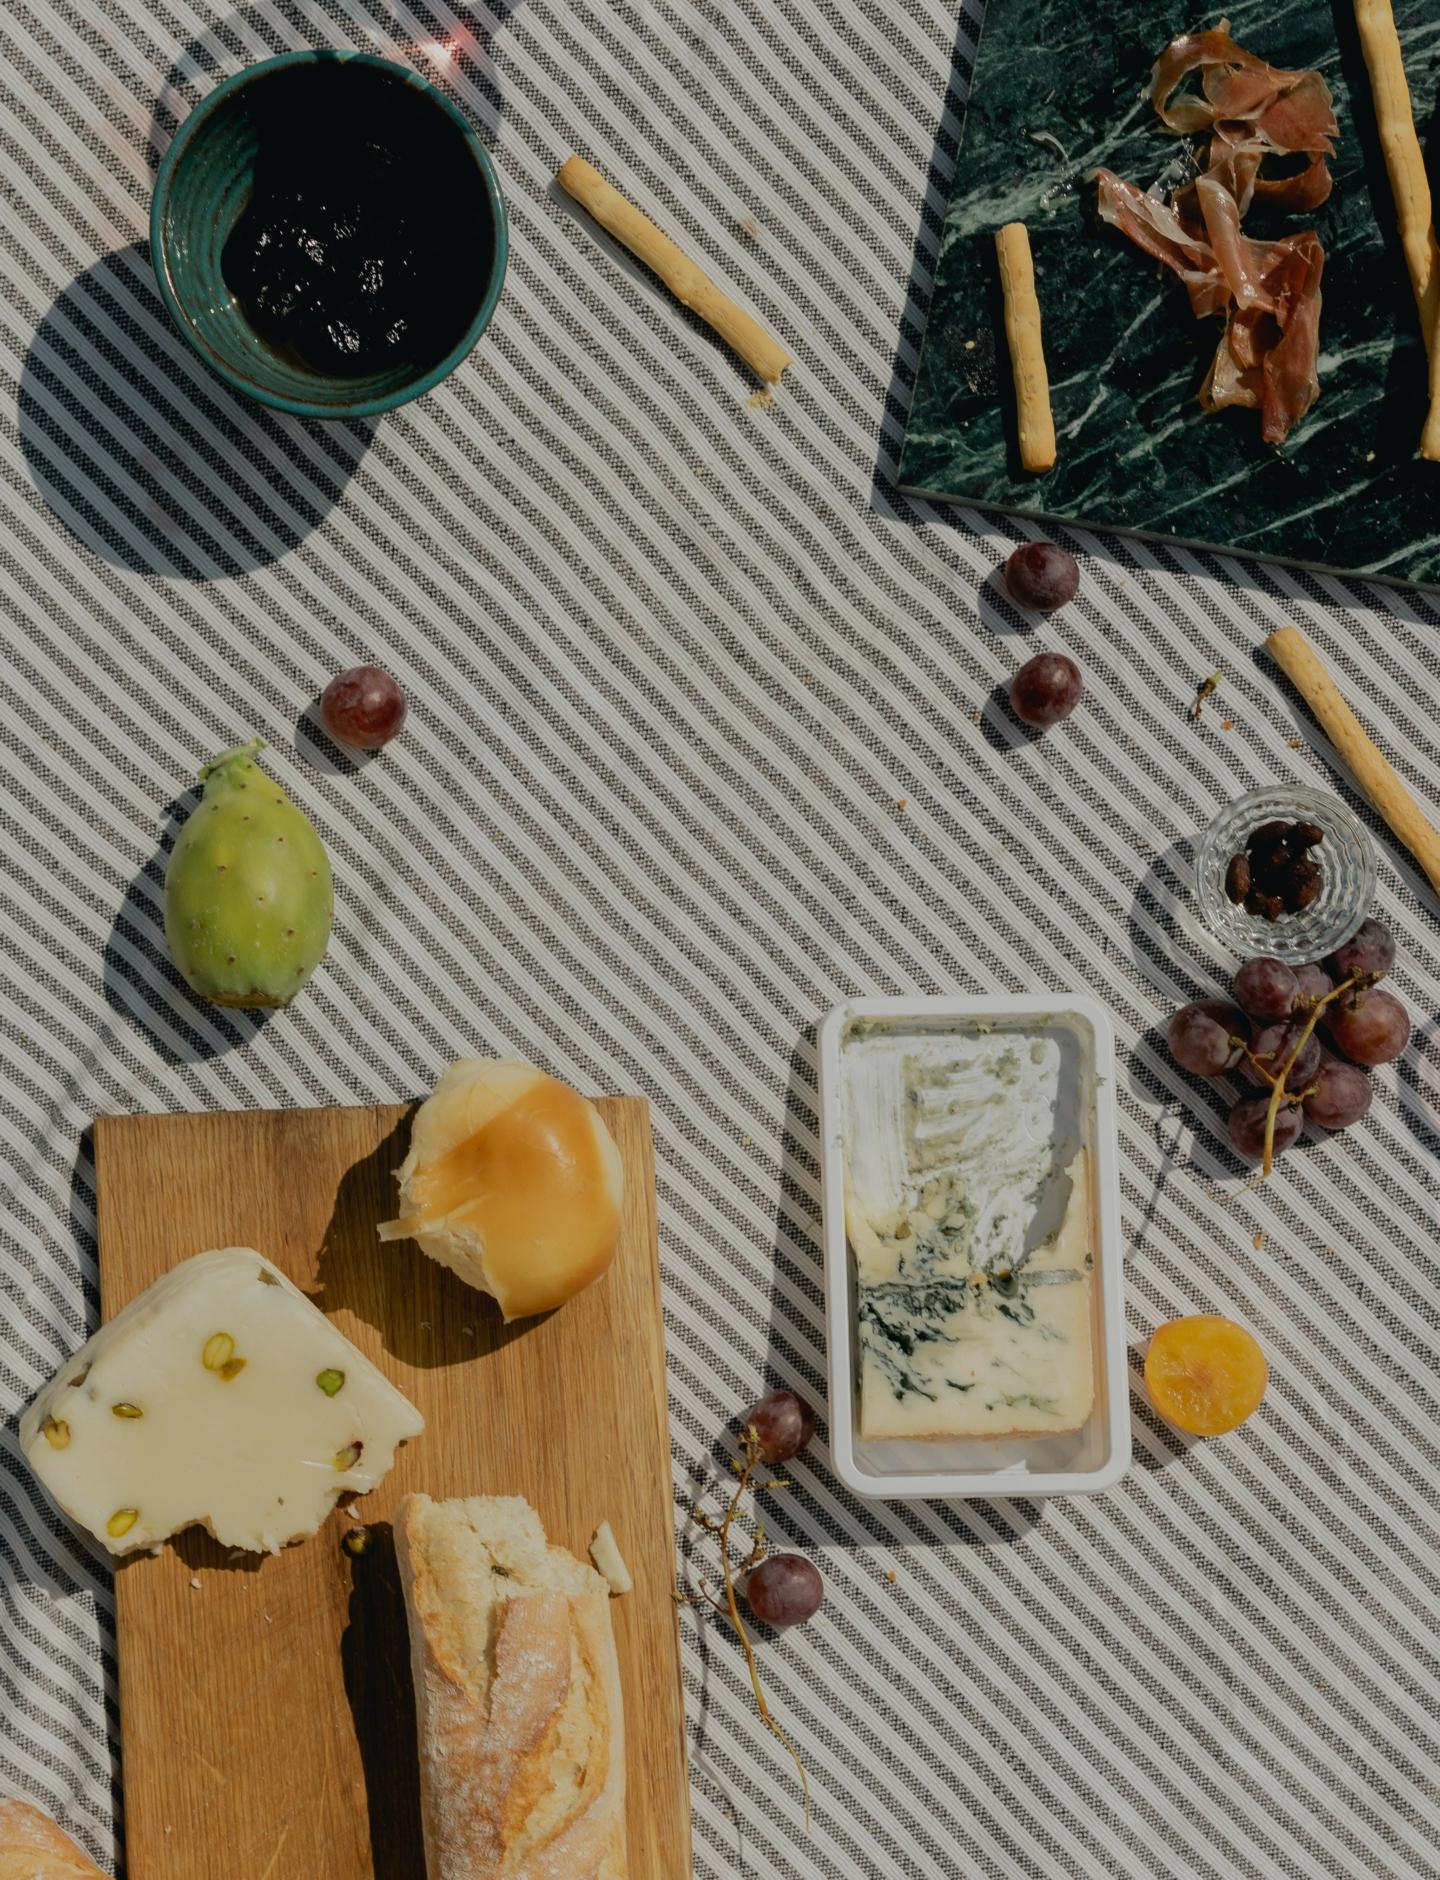 Wine, cheese, salumi baguette picnic pantry staples